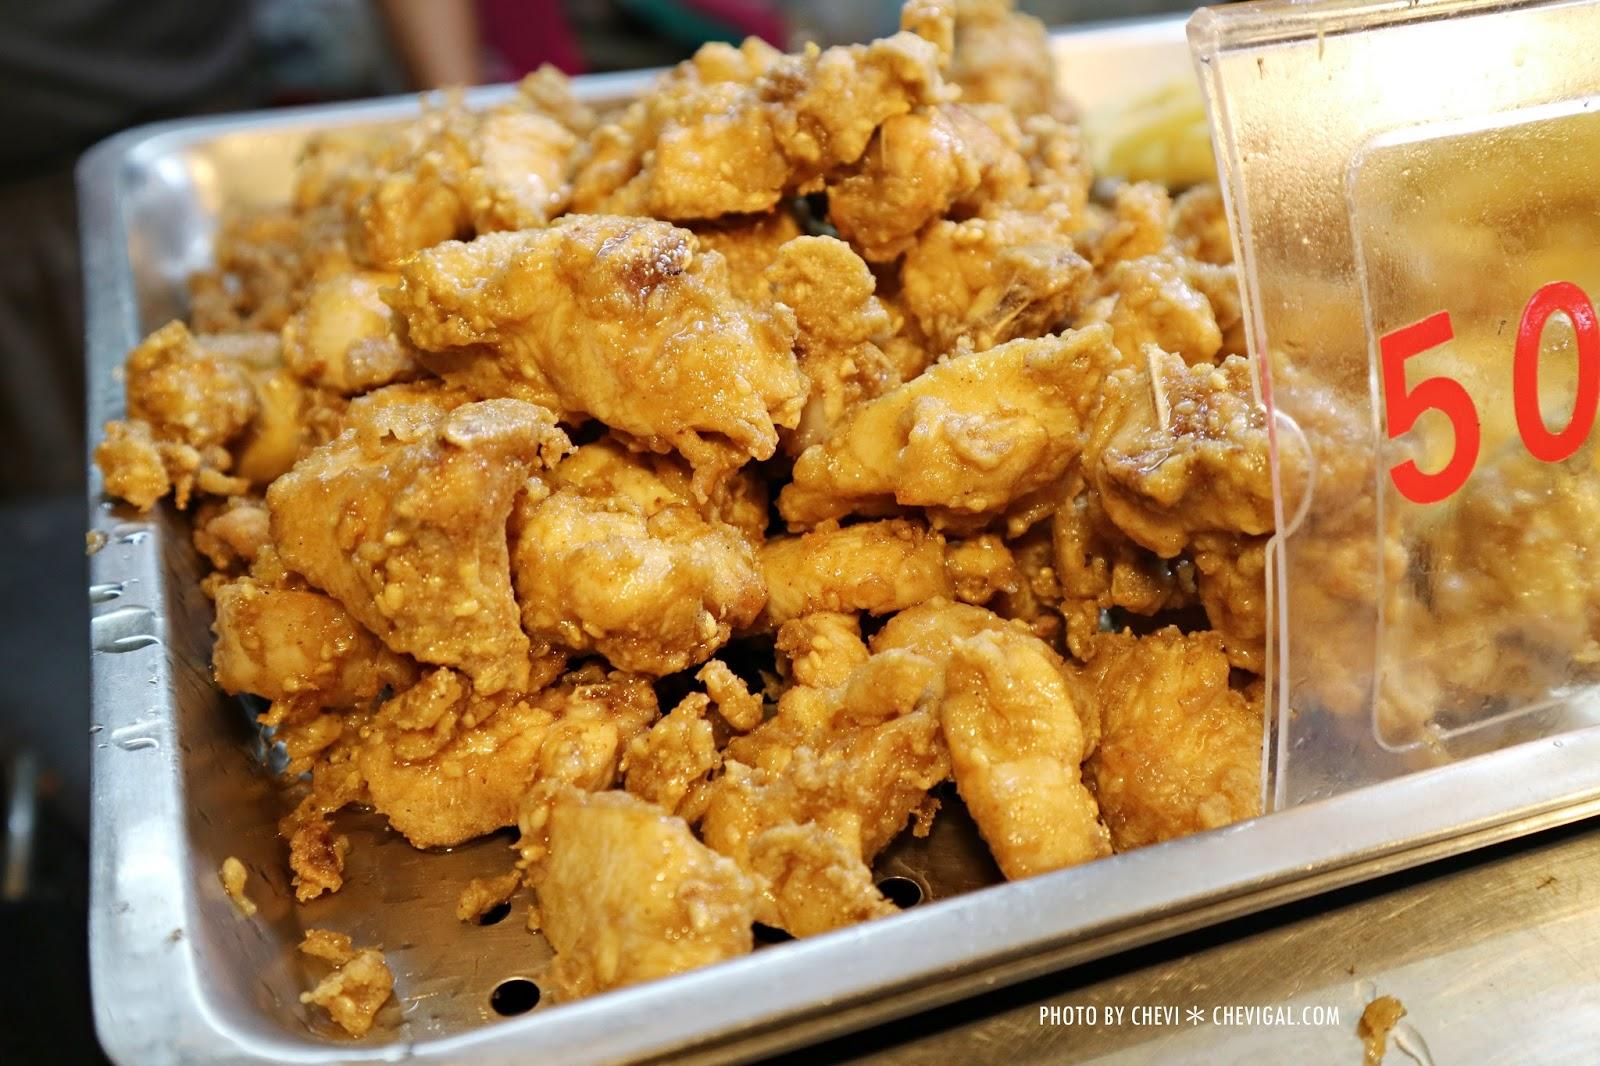 IMG 0523 - 台中烏日│香香鹽酥雞。飄香二十年的好滋味。一週只開四天別撲空囉